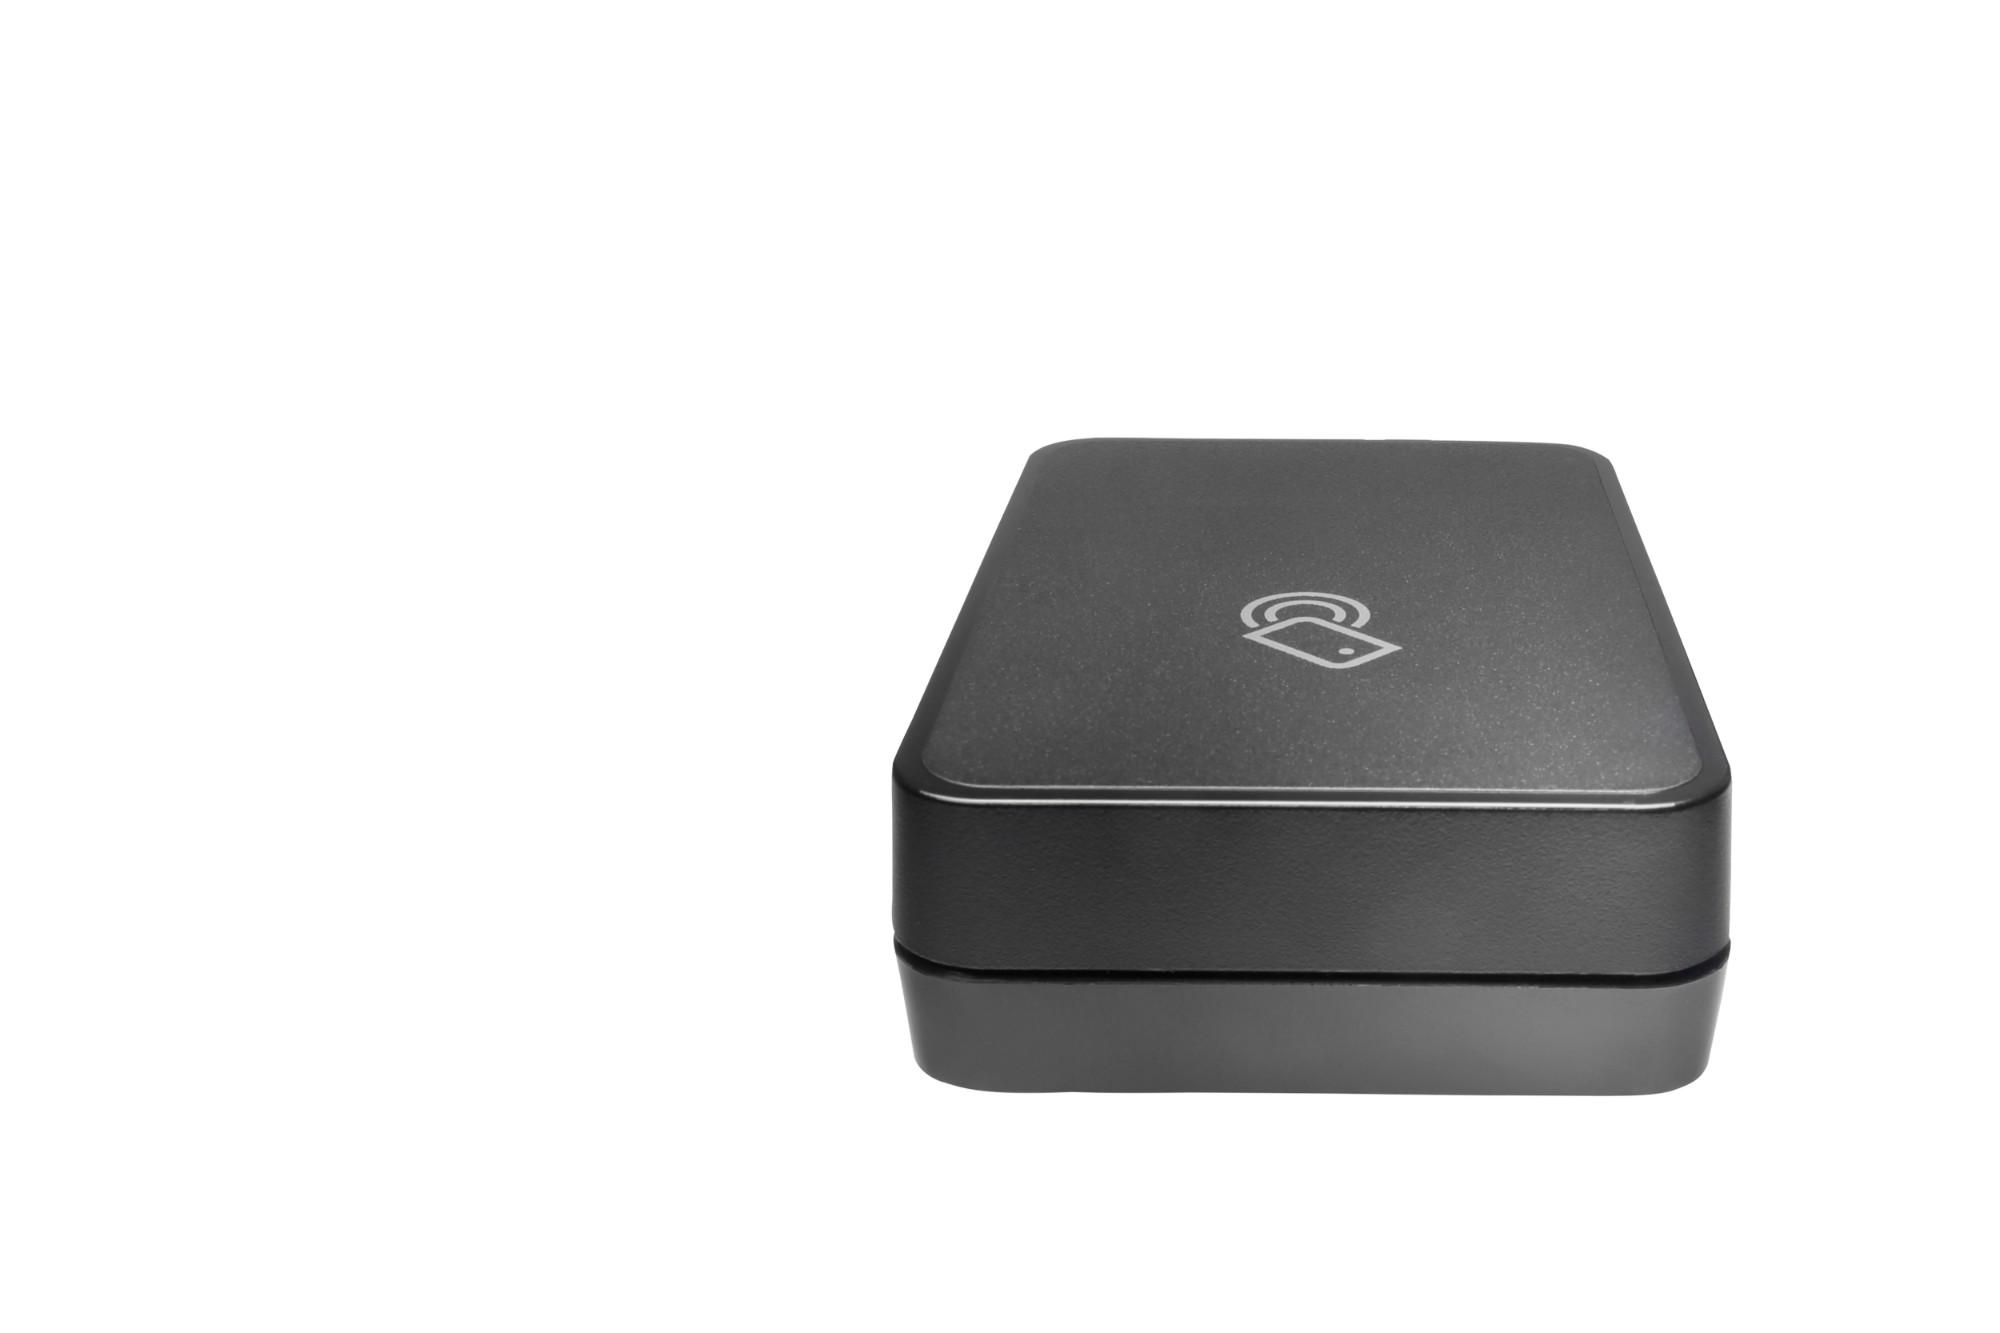 HP Jetdirect Accesorio NFC/Wireless 3000w